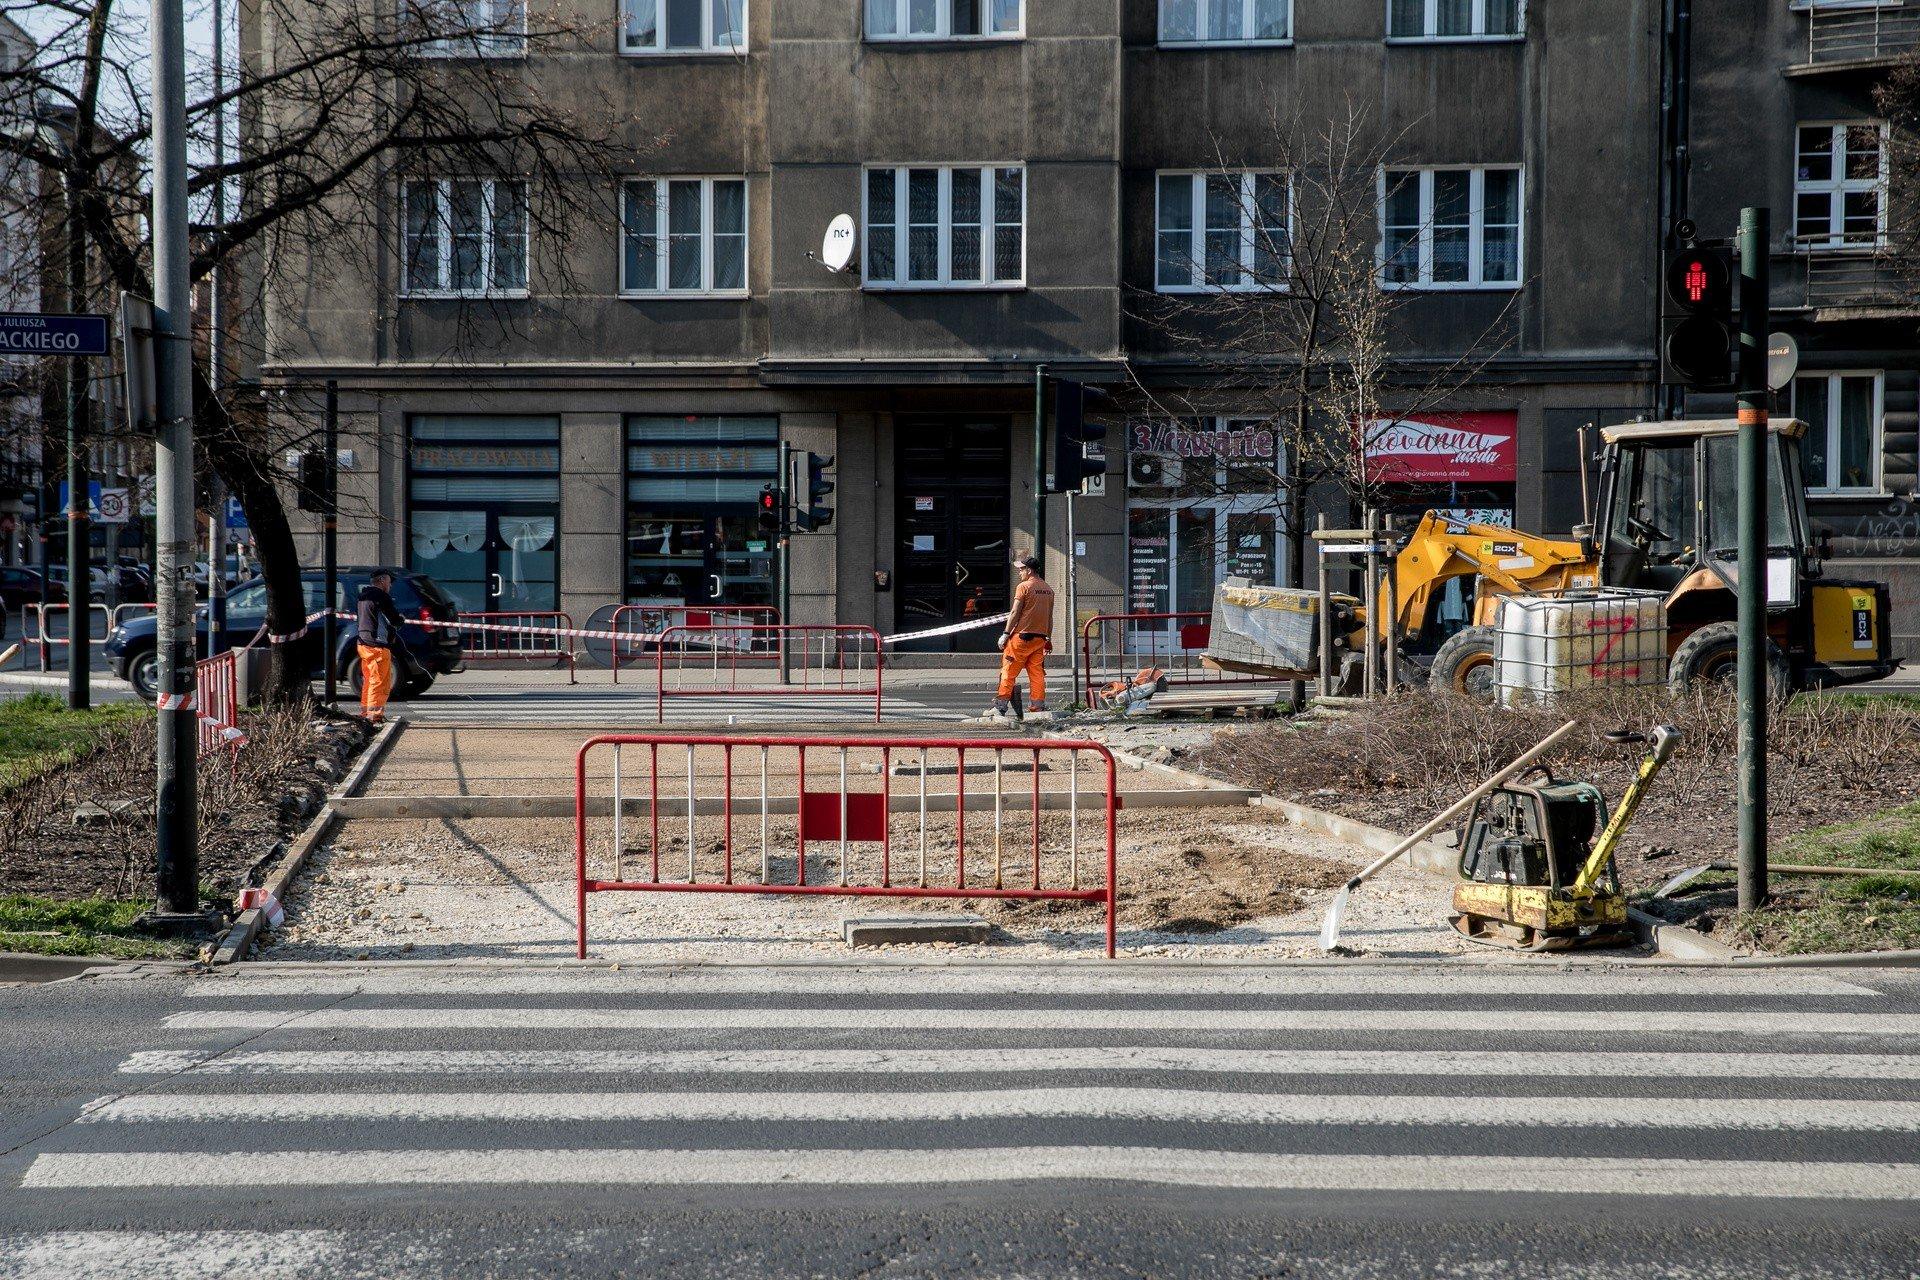 Krakow Rozpoczal Sie Remont Chodnika Na Alei Slowackiego W Ramach